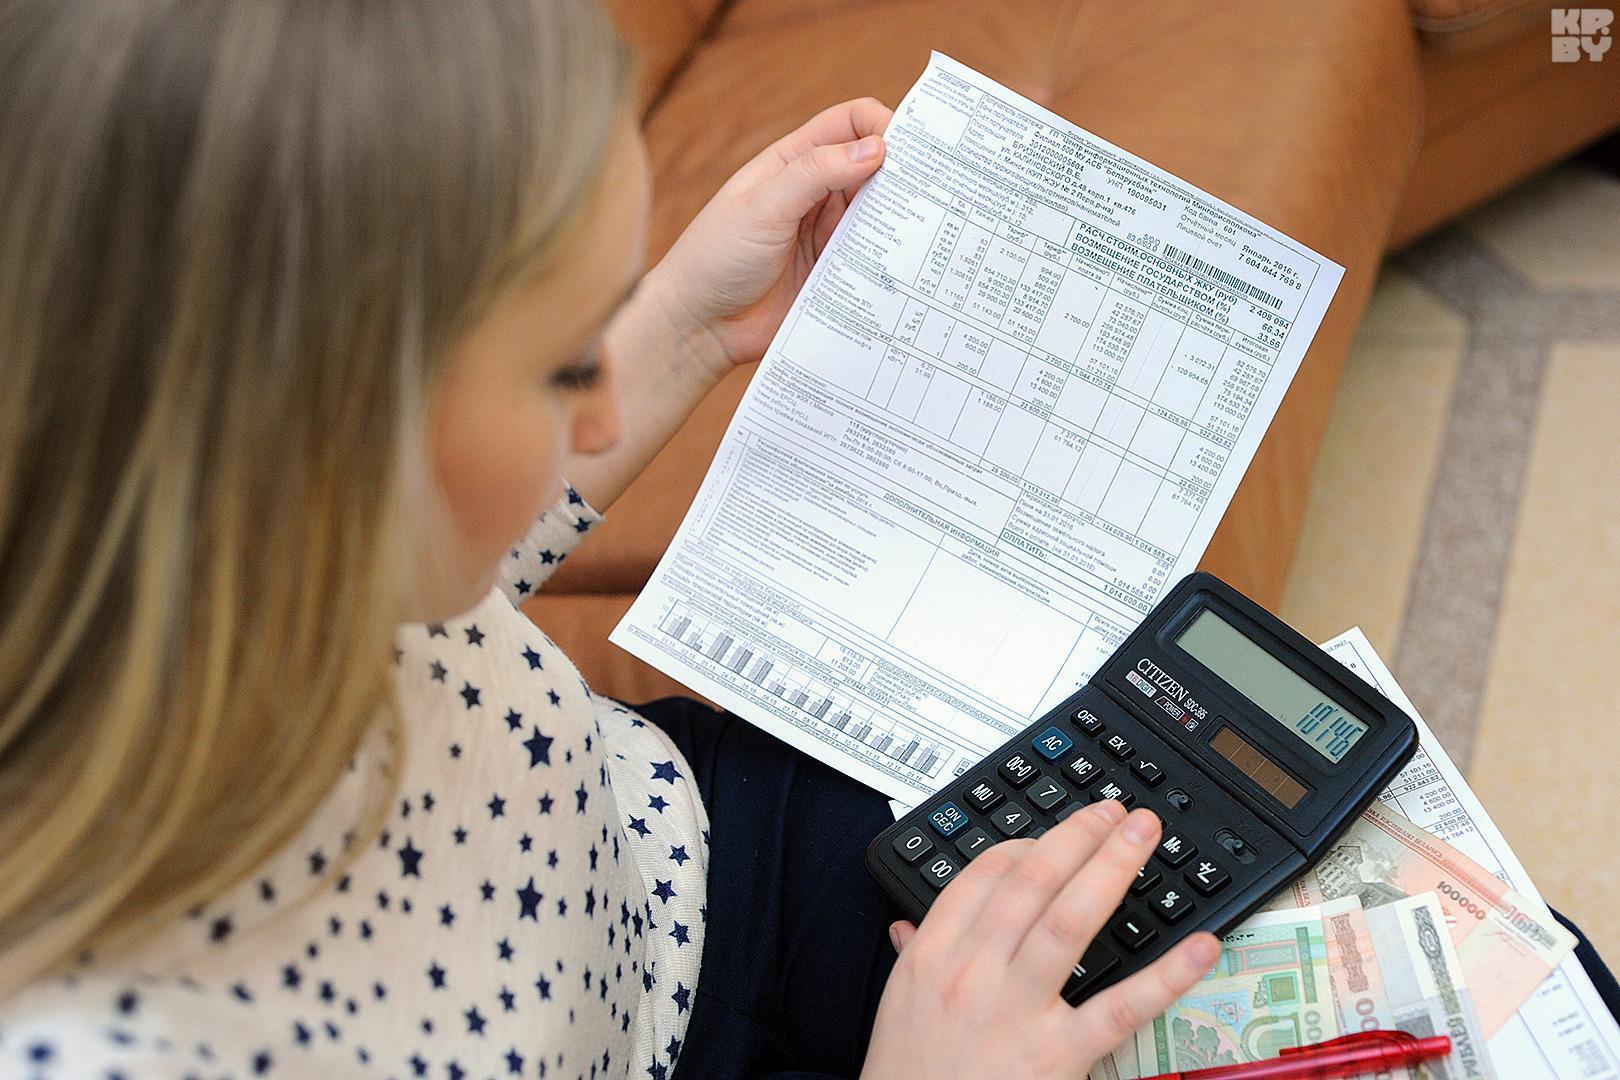 В Госдуме обосновали скидки для граждан по оплате ЖКХ